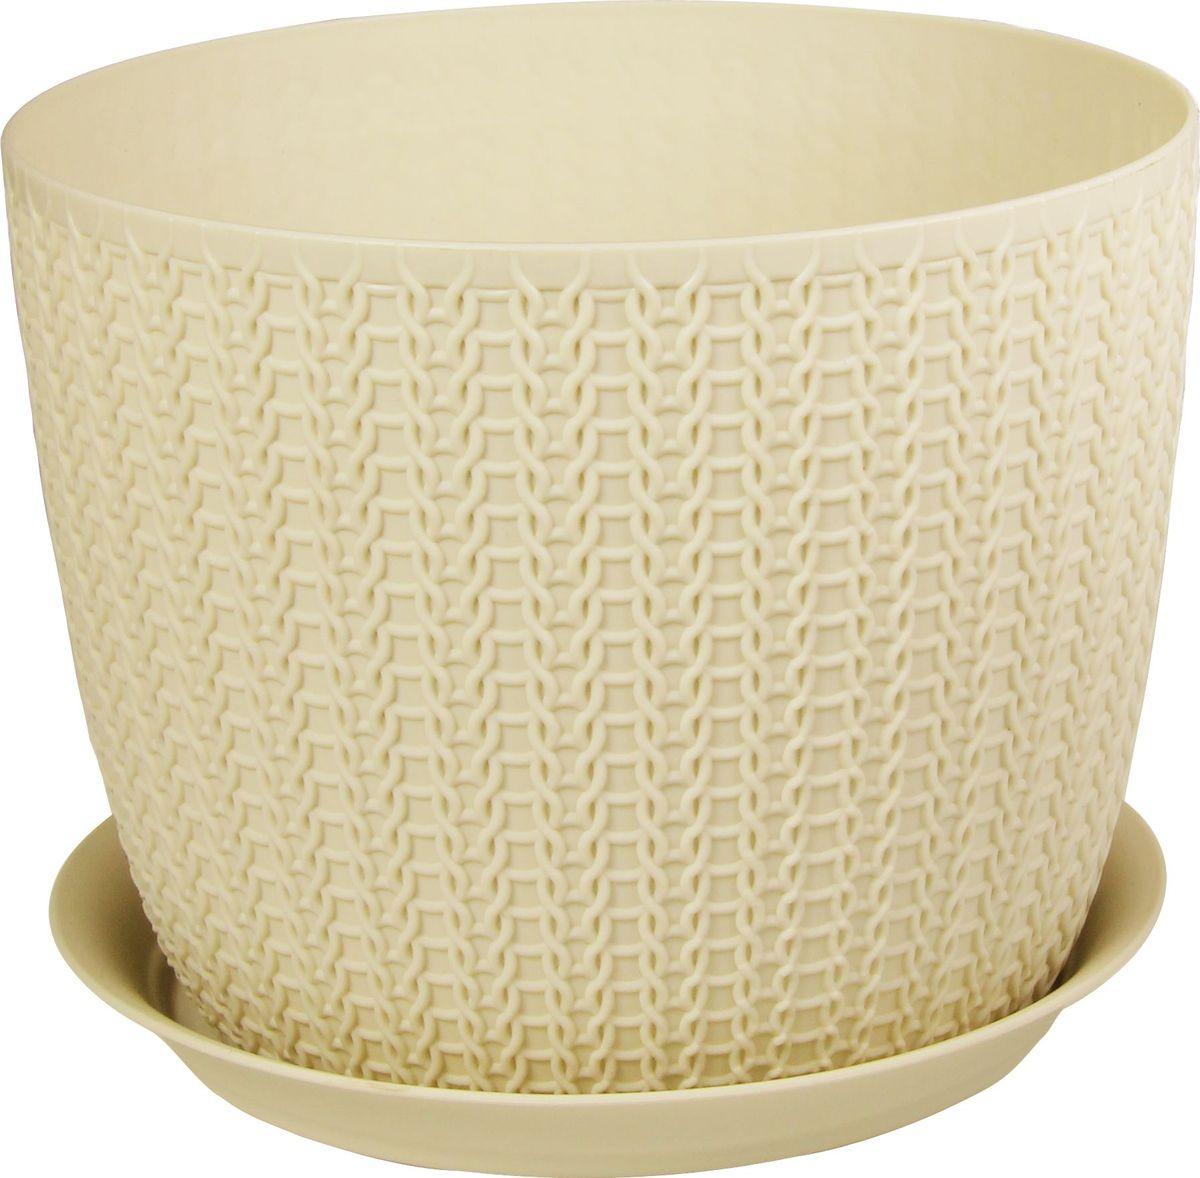 Кашпо Idea Вязание, с поддоном, цвет: белый ротанг2,8 л, диаметр 18 см. М 3121М 3121_белый ротанг